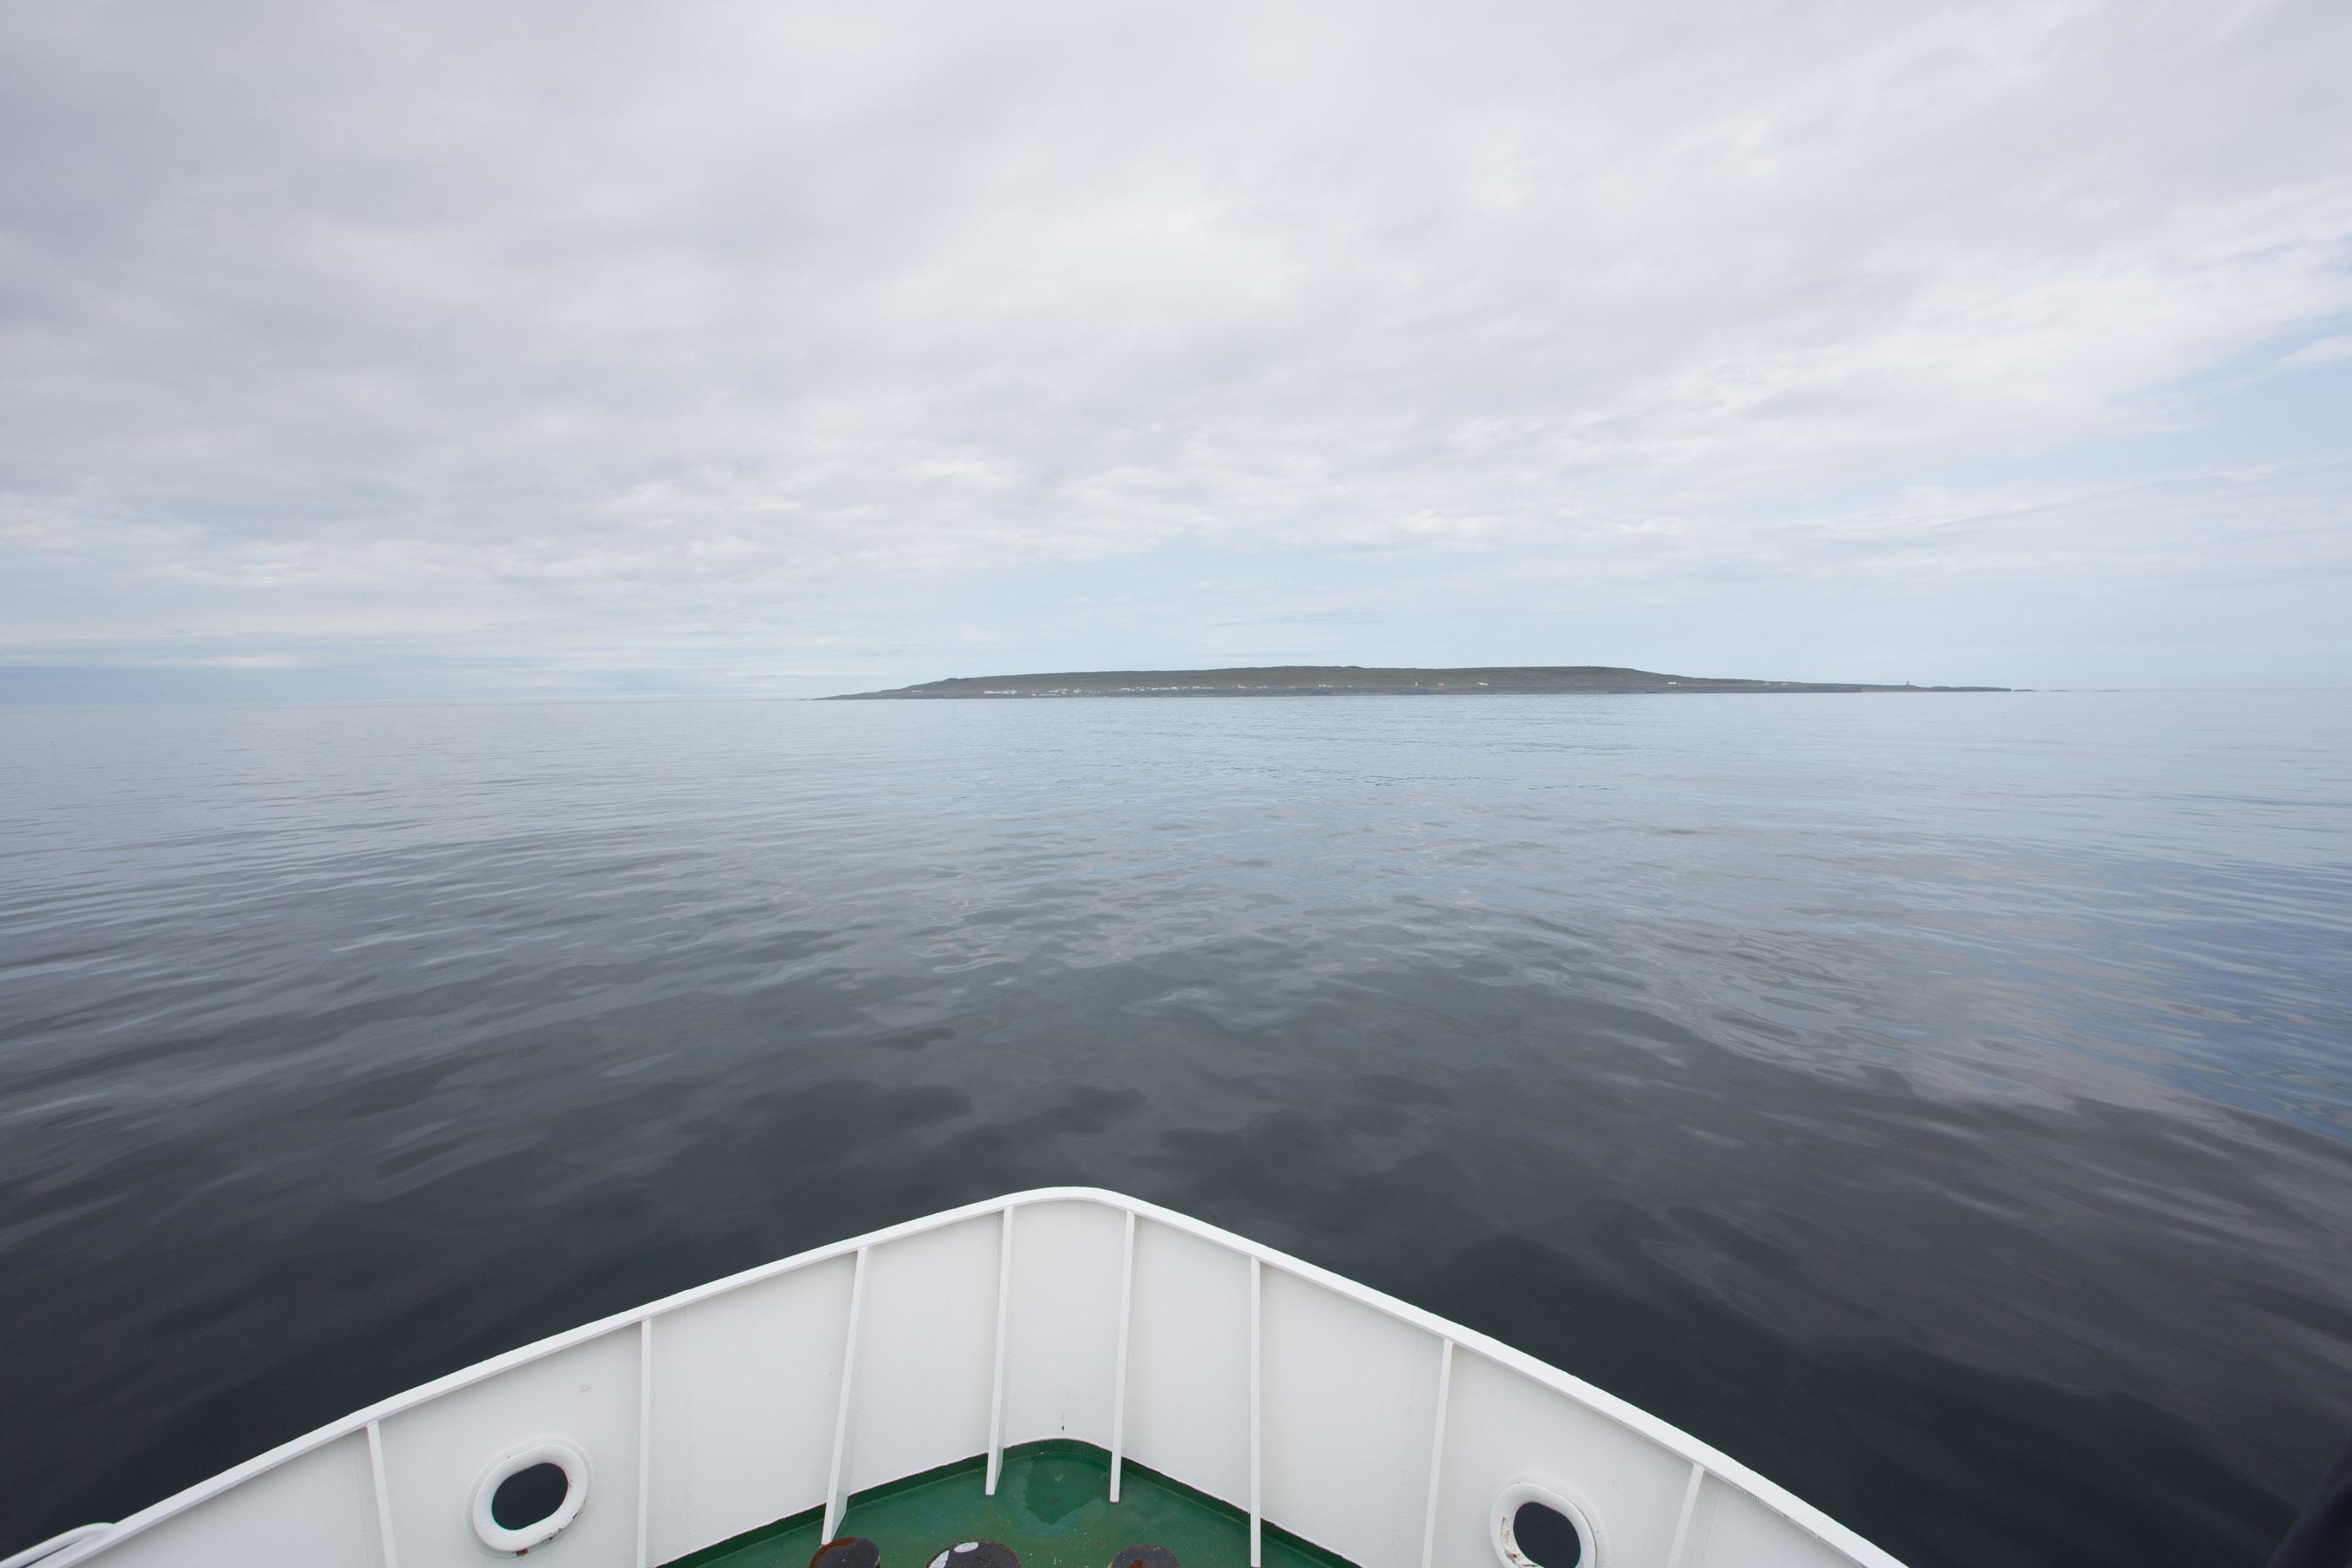 Gourmet Sea Angling in the North Atlantic Ocean